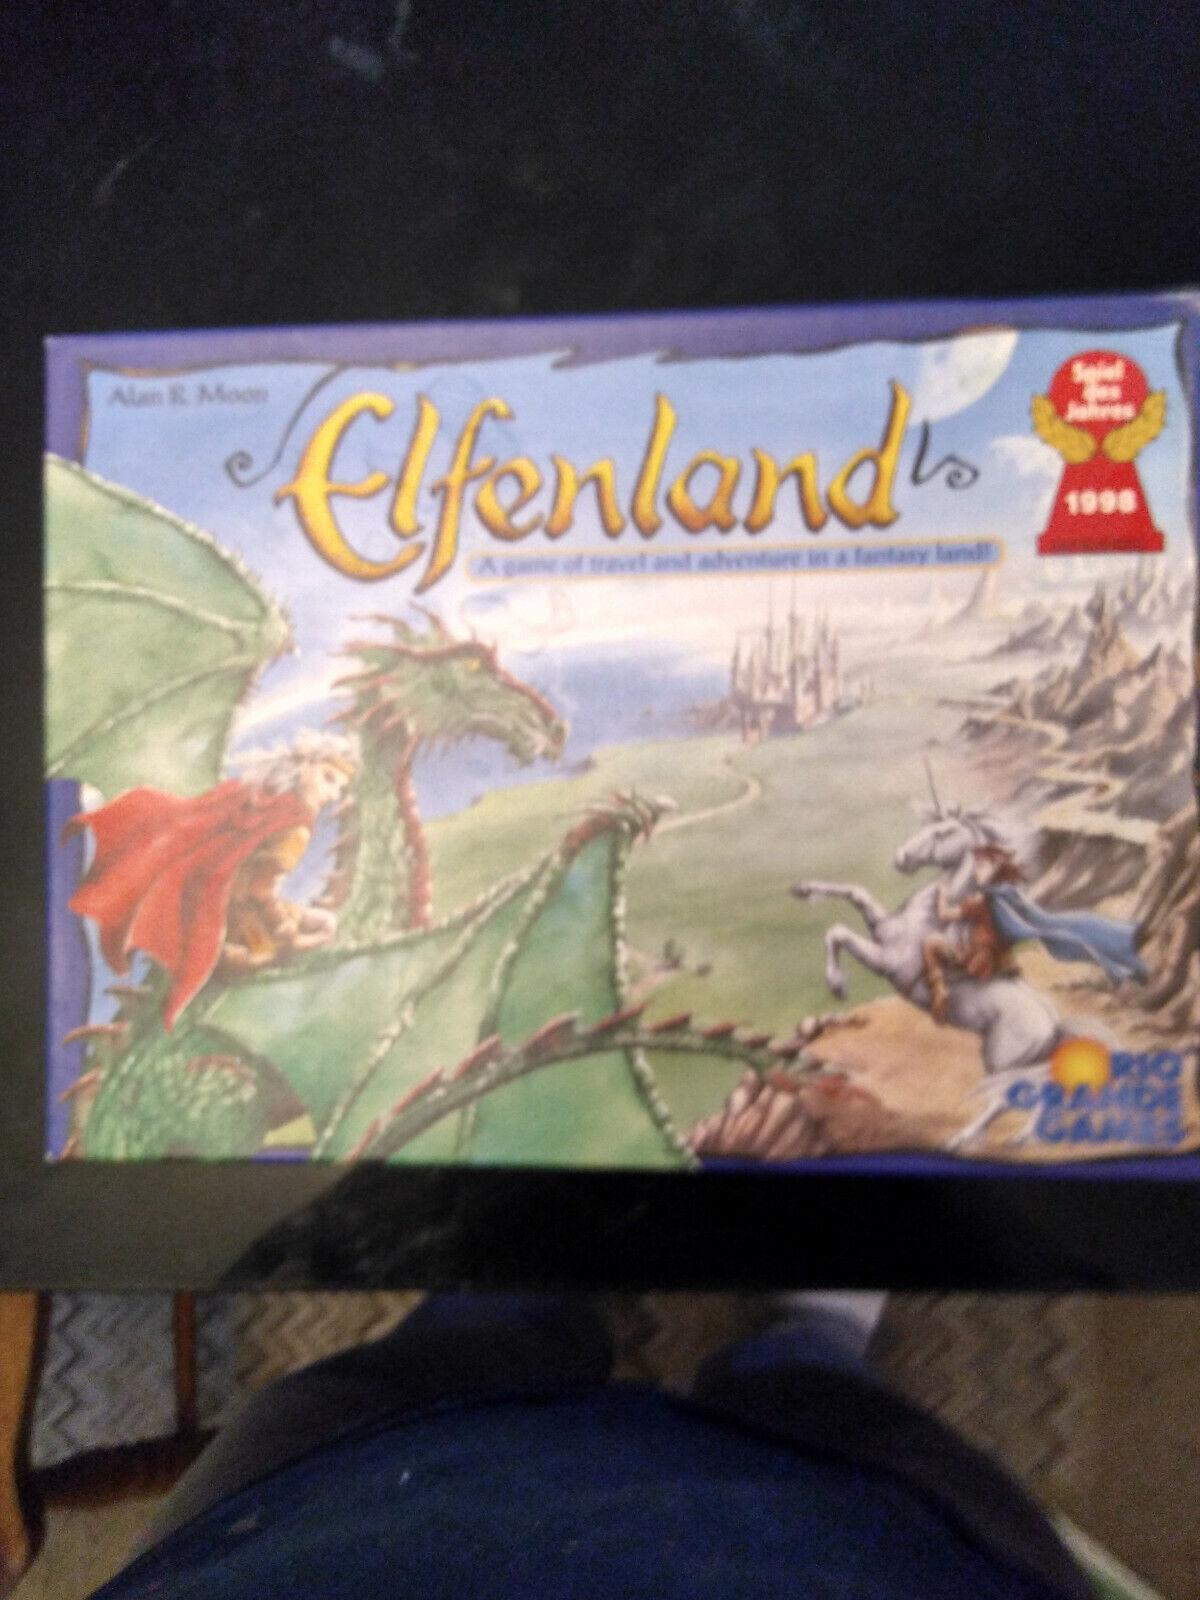 Elfenland Juego de Tablero  un juego de viaje y aventura en una tierra de fantasía